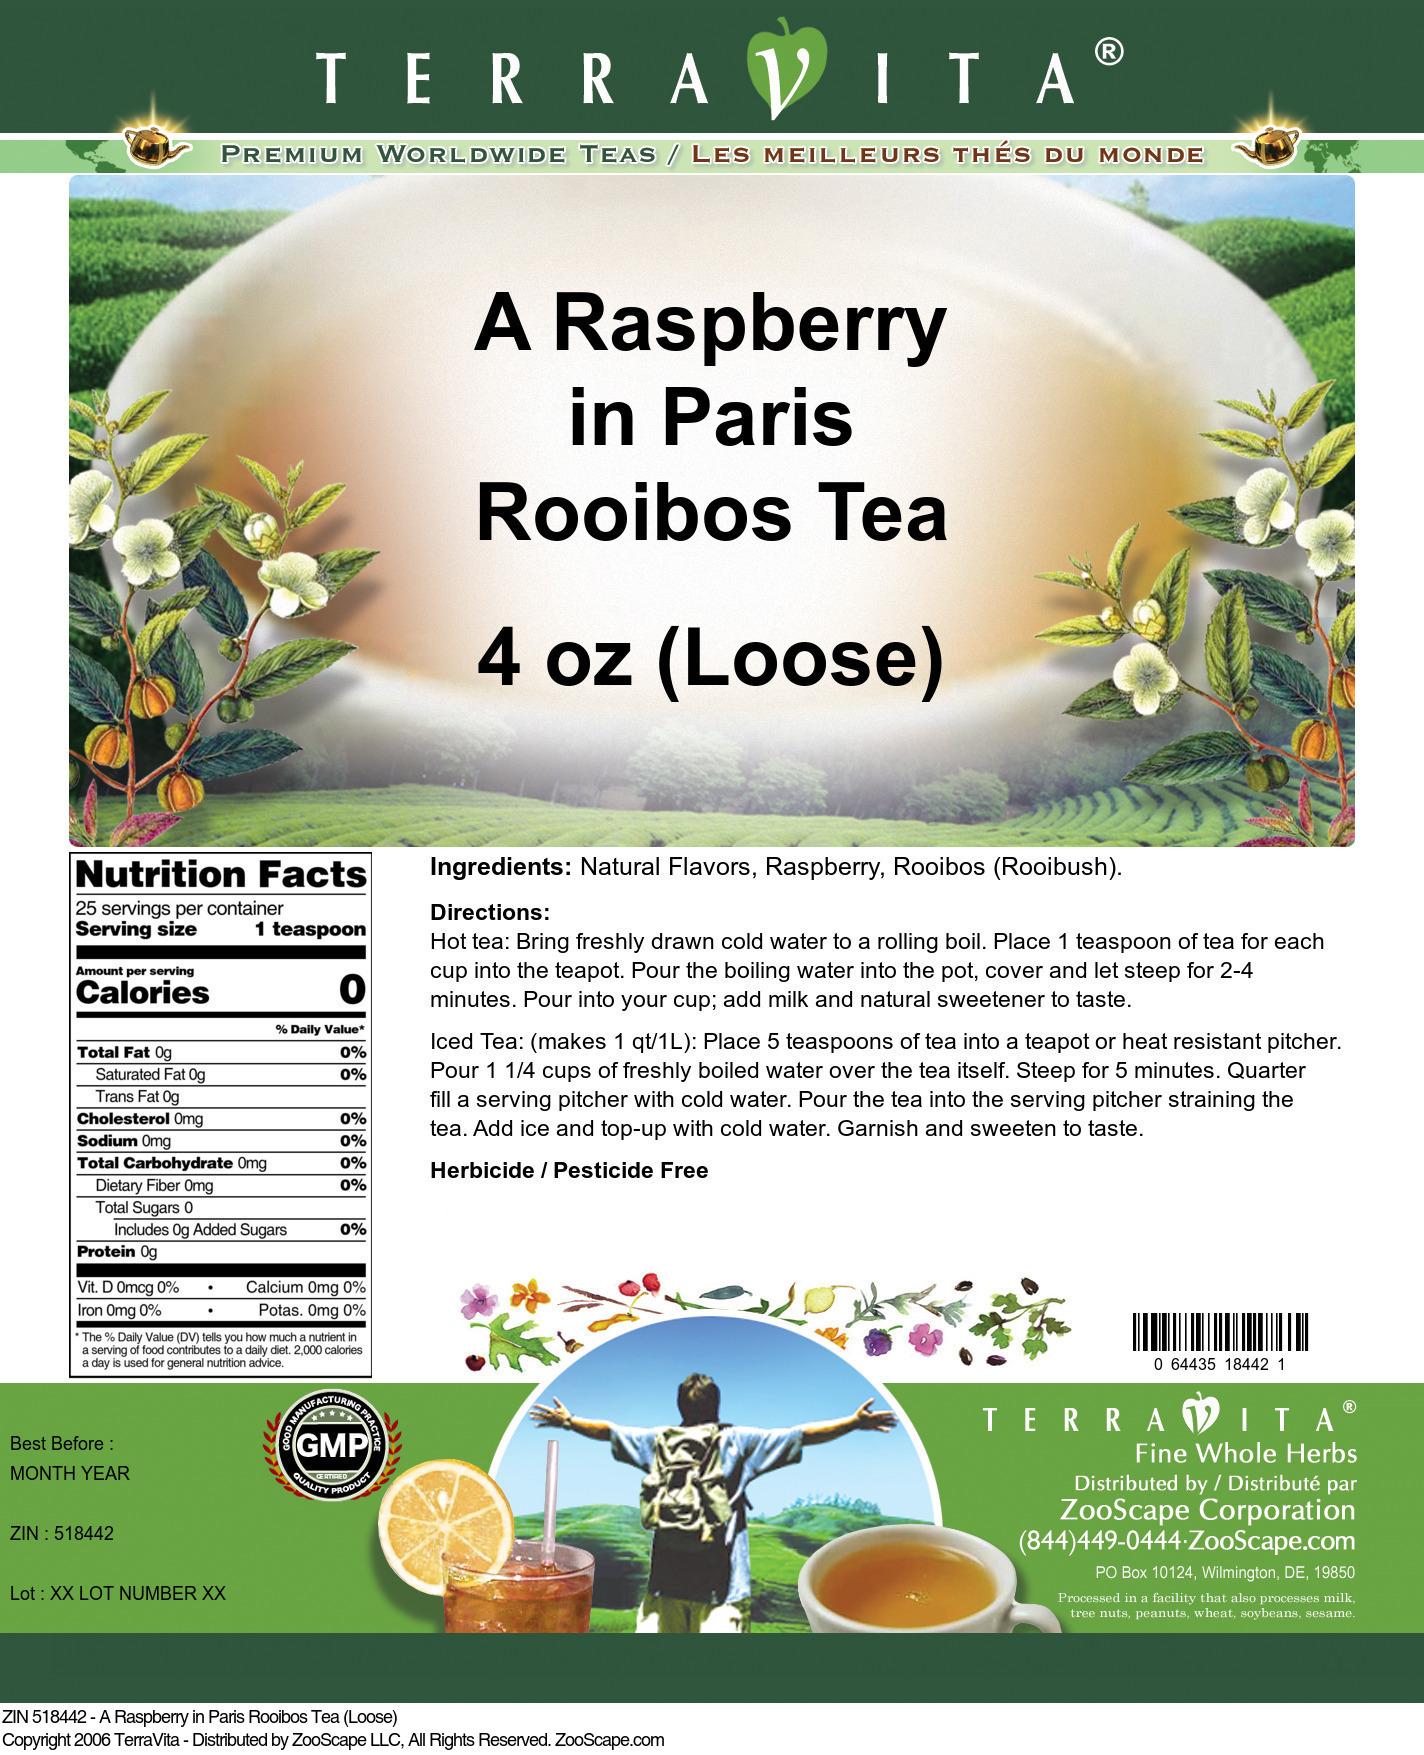 A Raspberry in Paris Rooibos